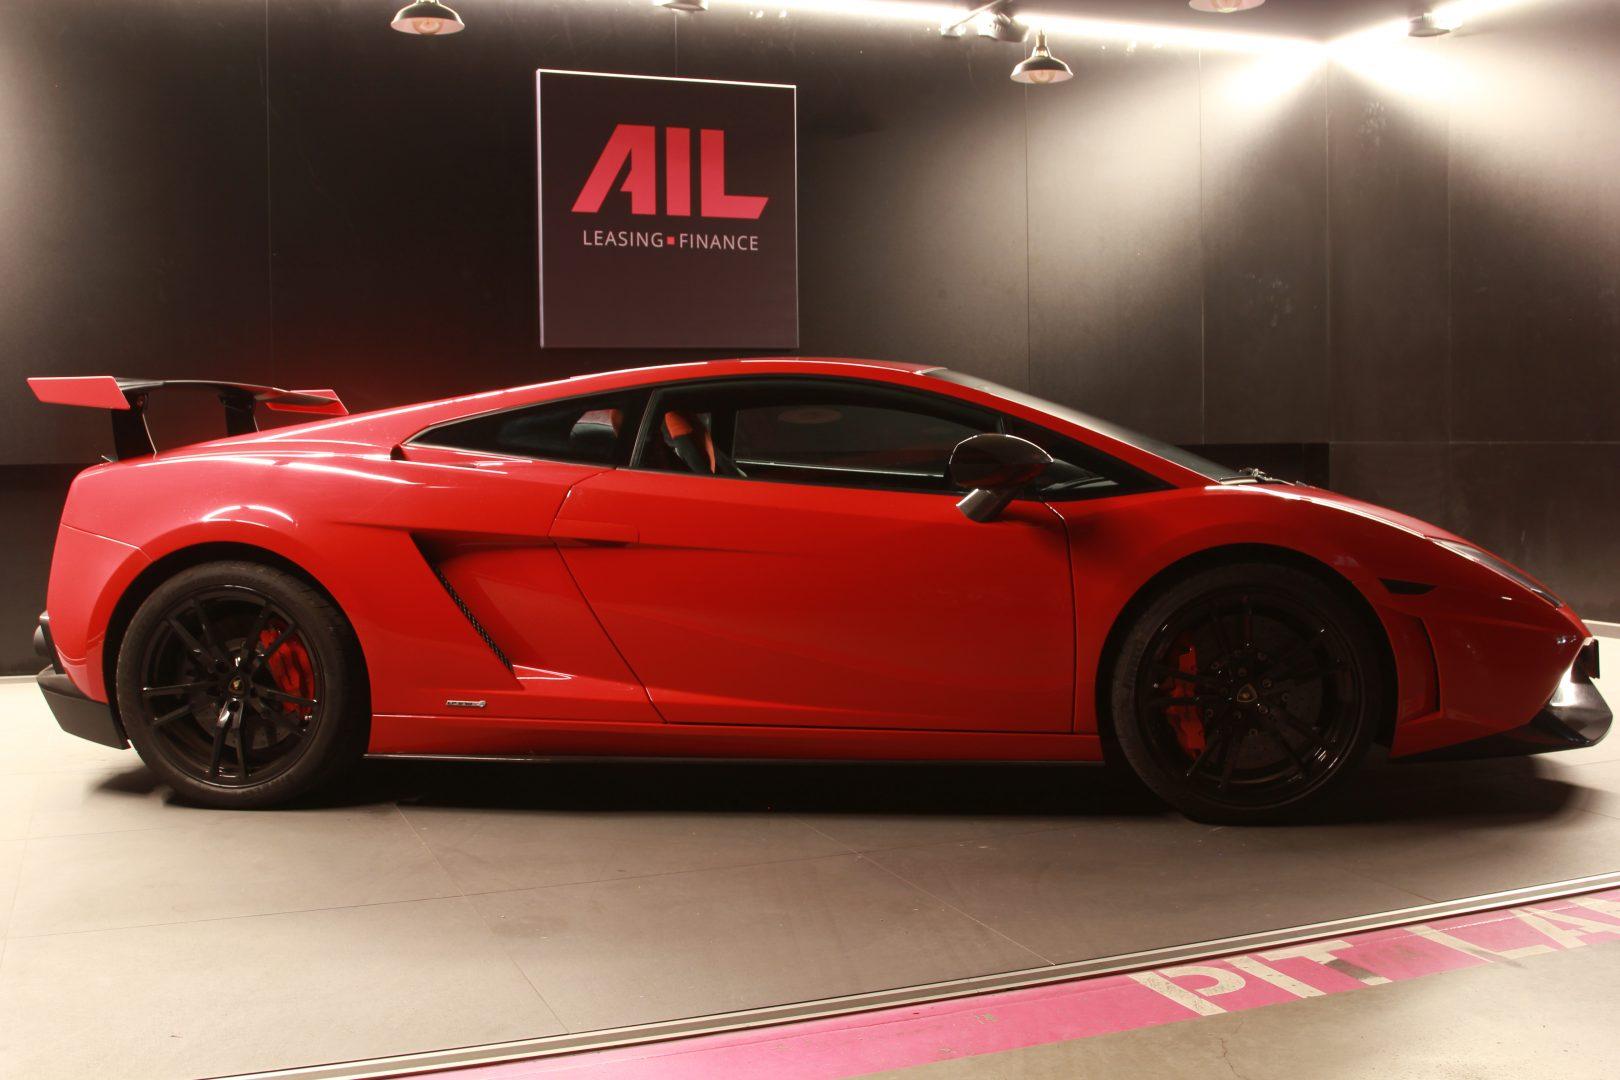 AIL Lamborghini Gallardo LP570-4 Super Trofeo 12